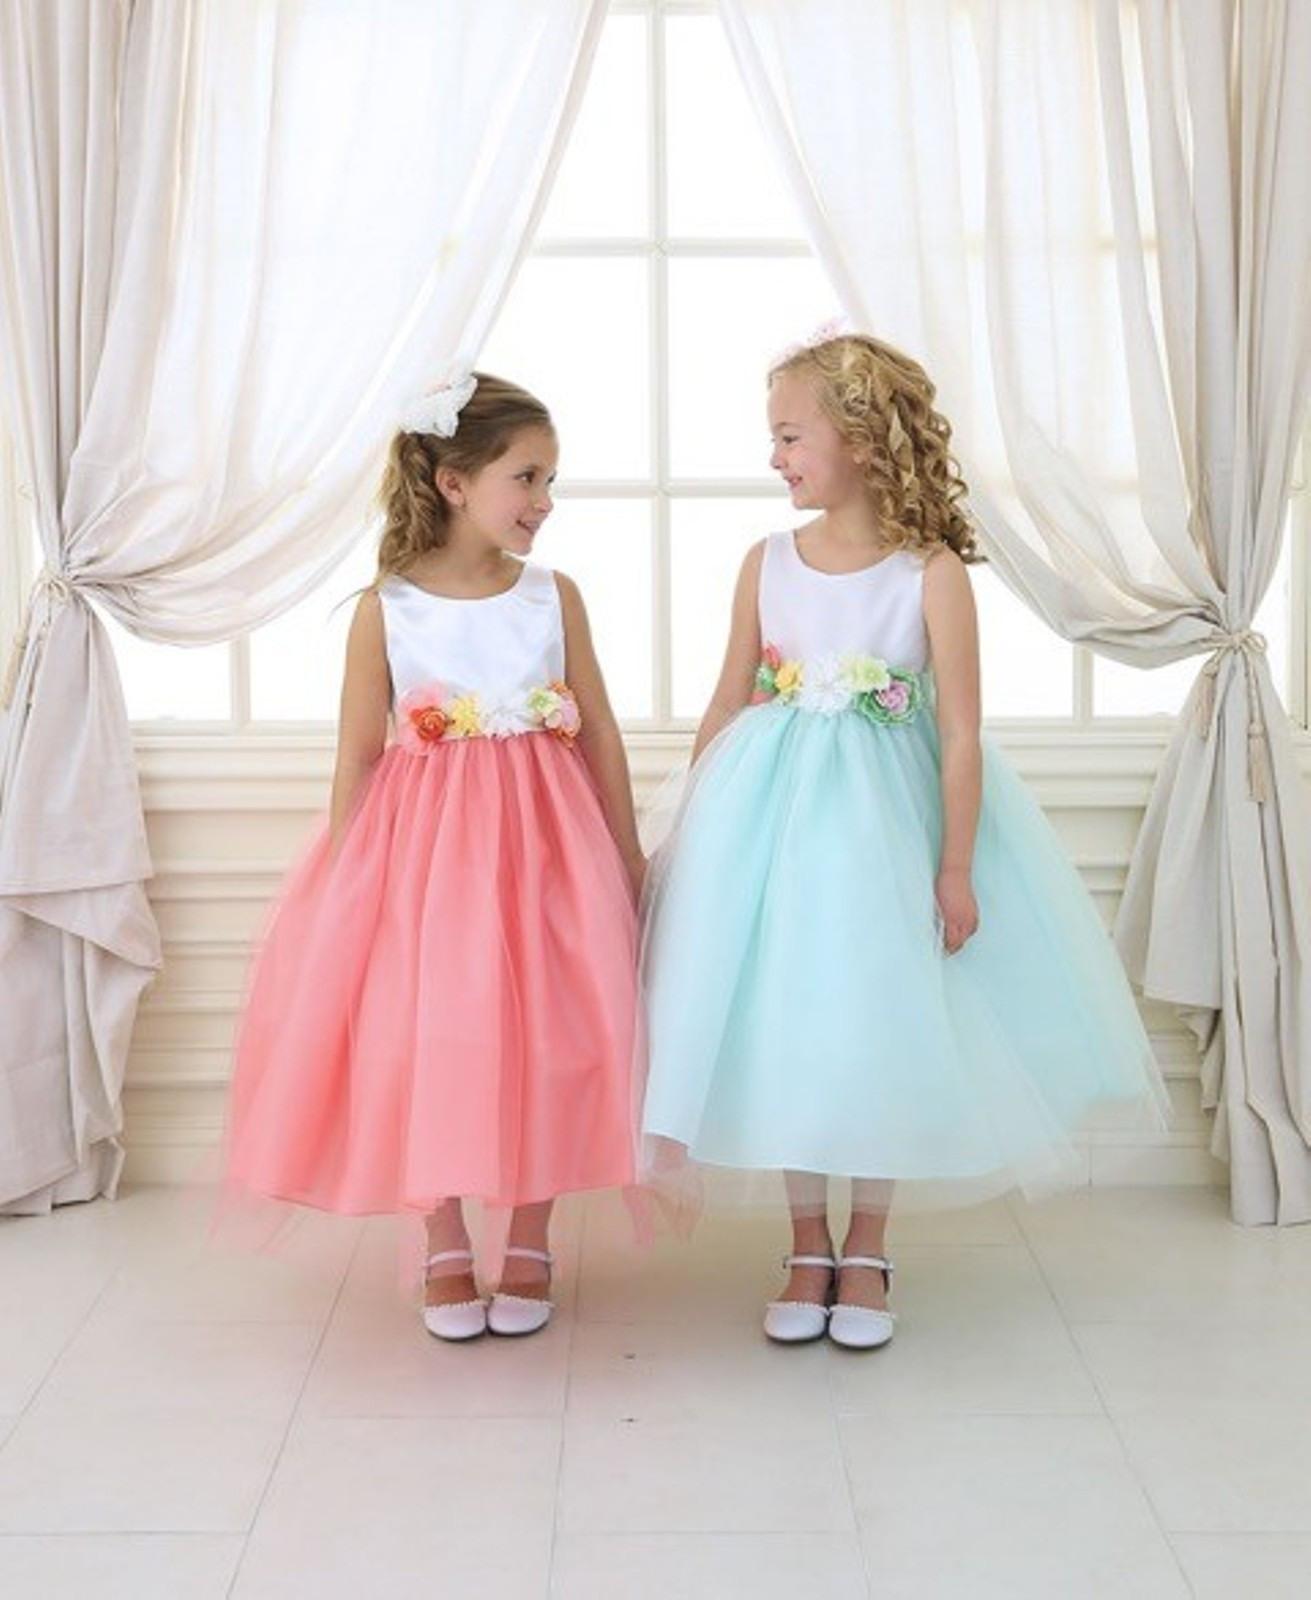 Designer Schön Kleid Koralle Hochzeit Stylish Luxurius Kleid Koralle Hochzeit Boutique